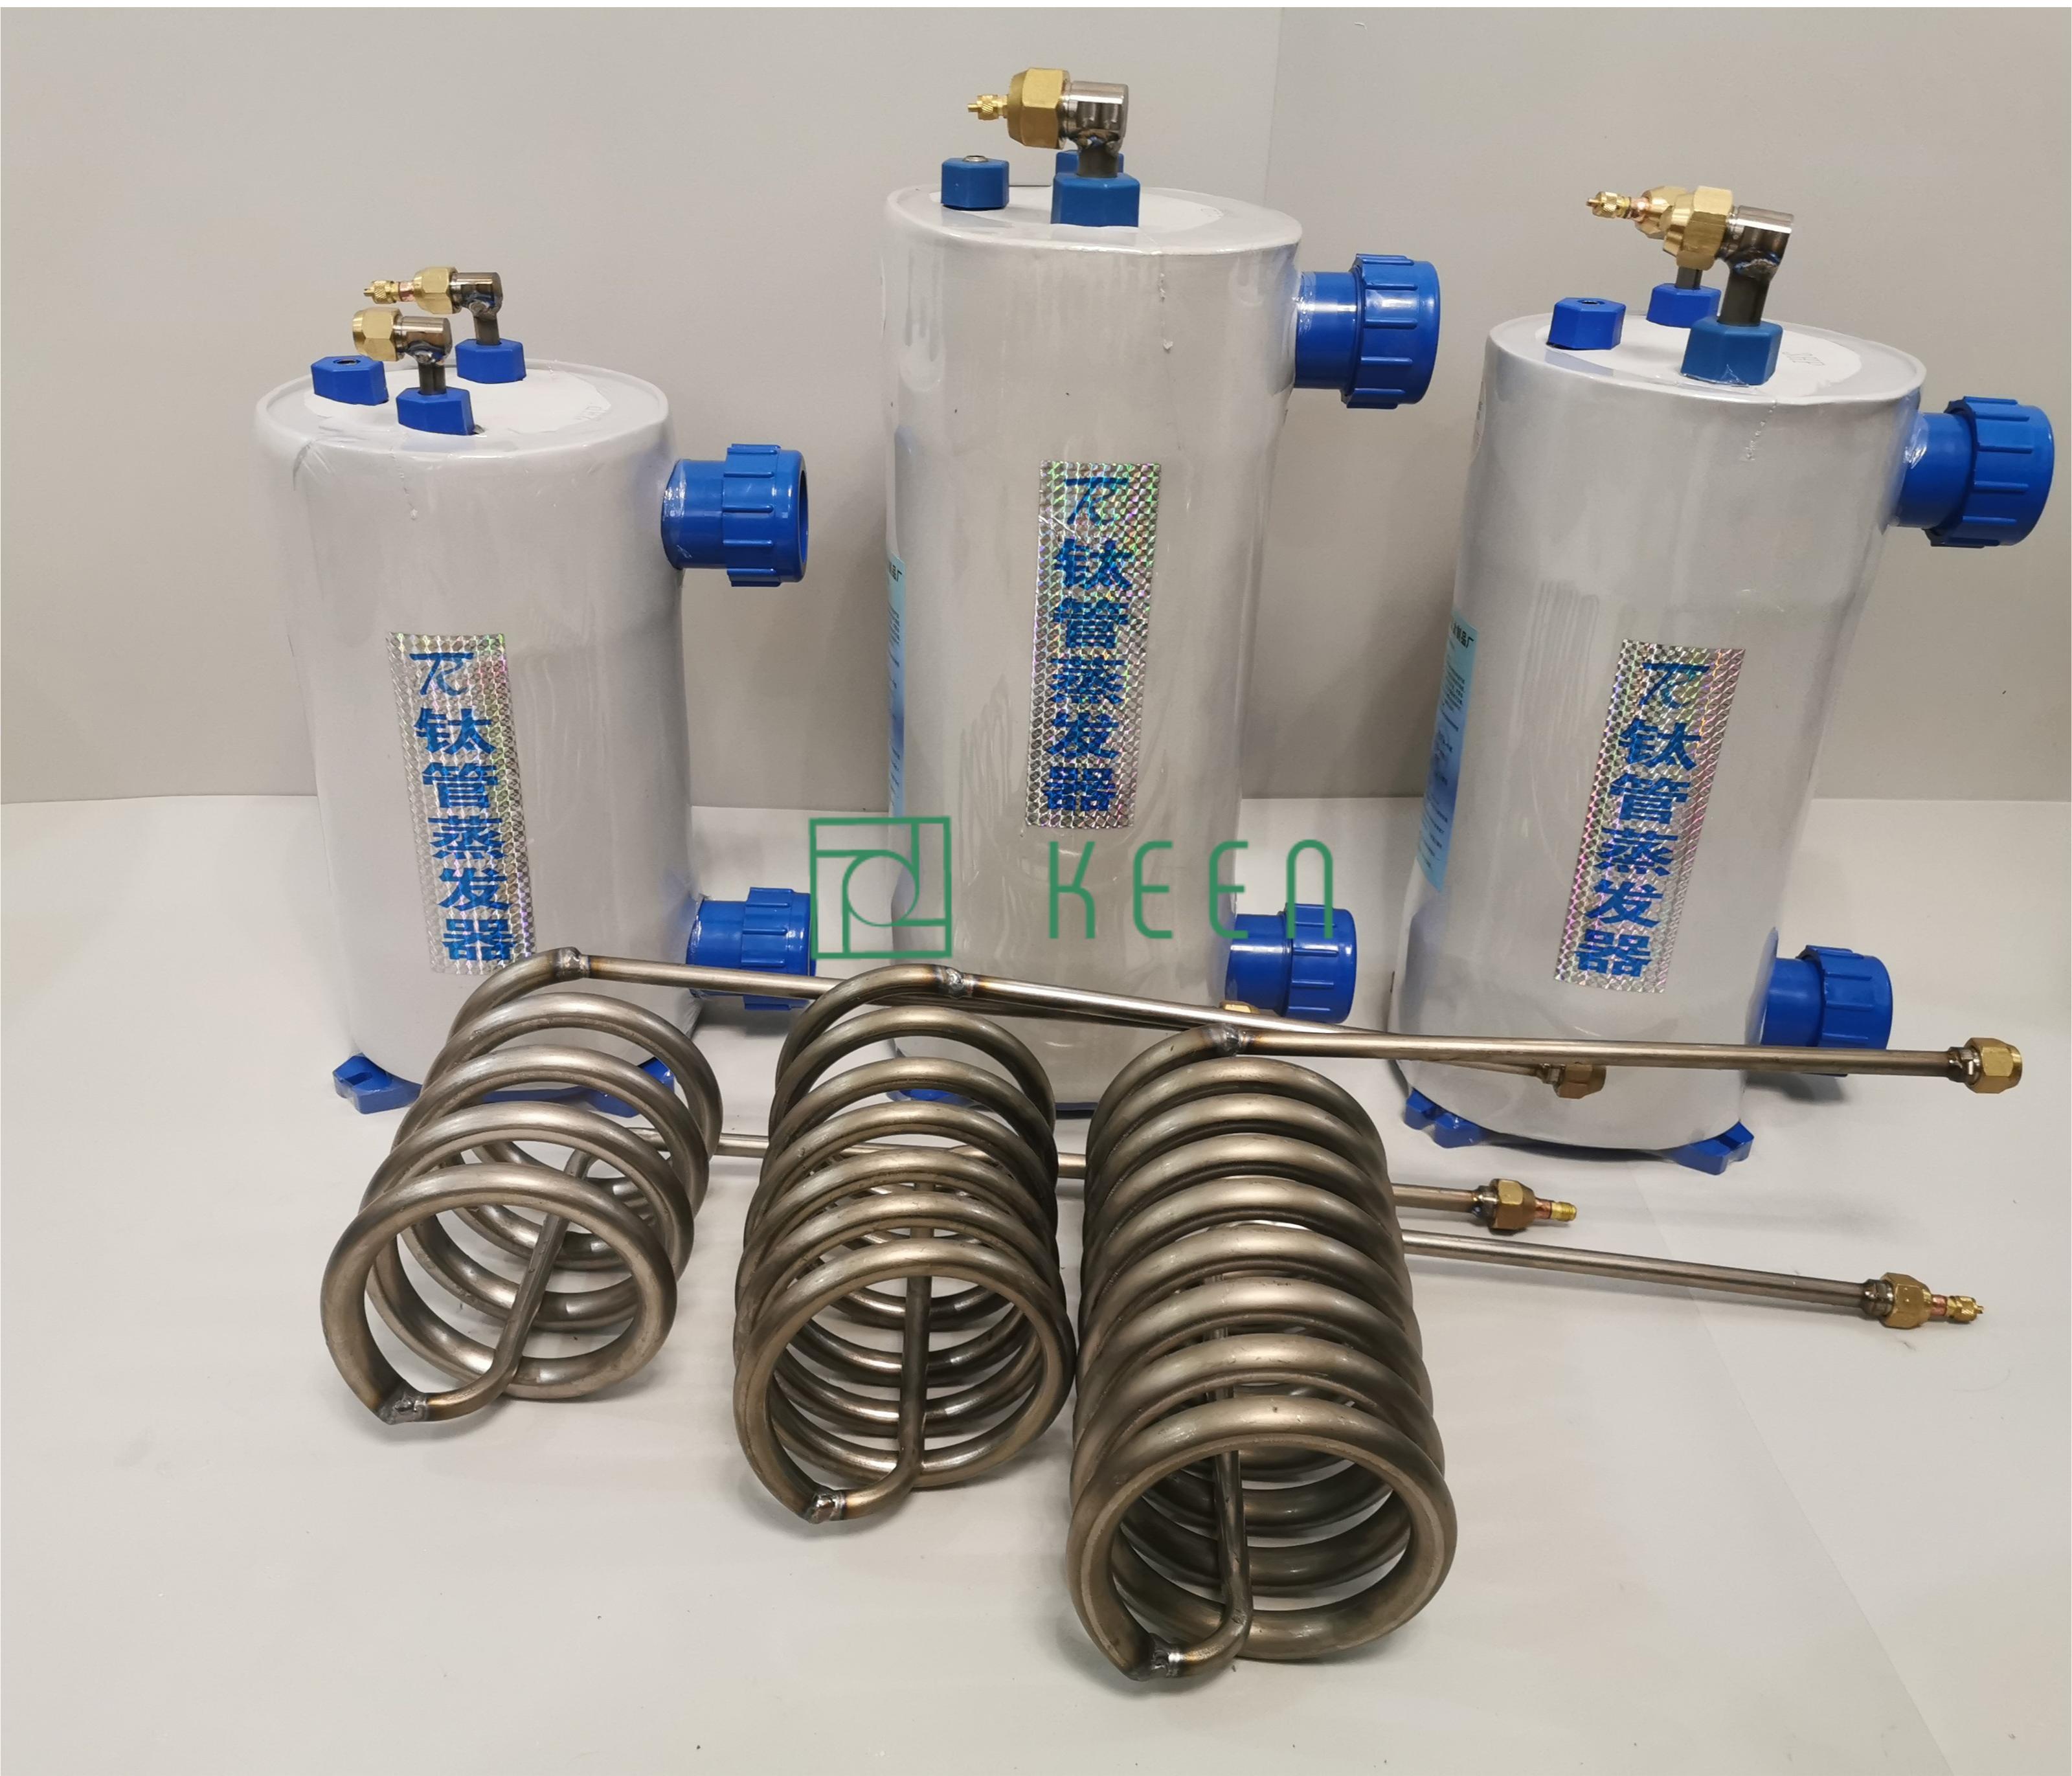 Bầu lạnh Titan 1.5HP thiết bị làm lạnh nước hồ cá